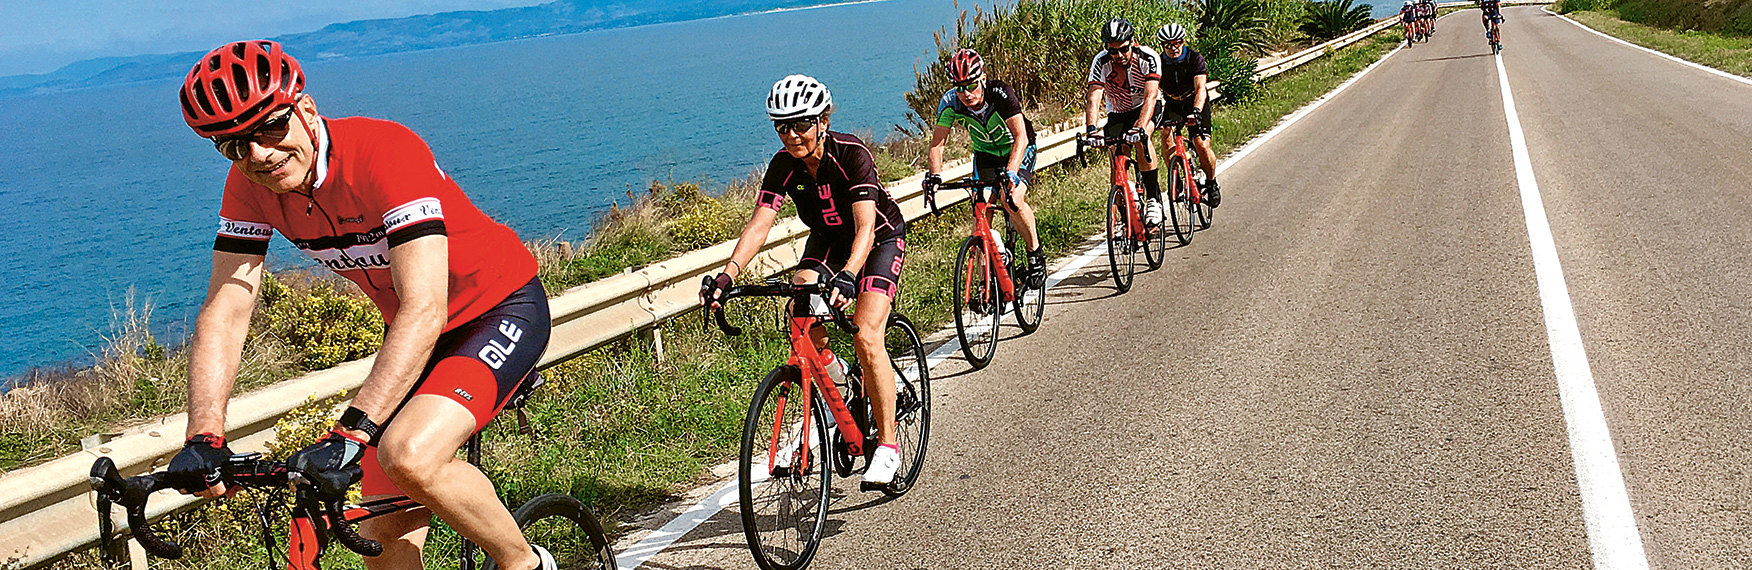 Rennvelo-Rundfahrt auf Sardinien. Rennveloferien